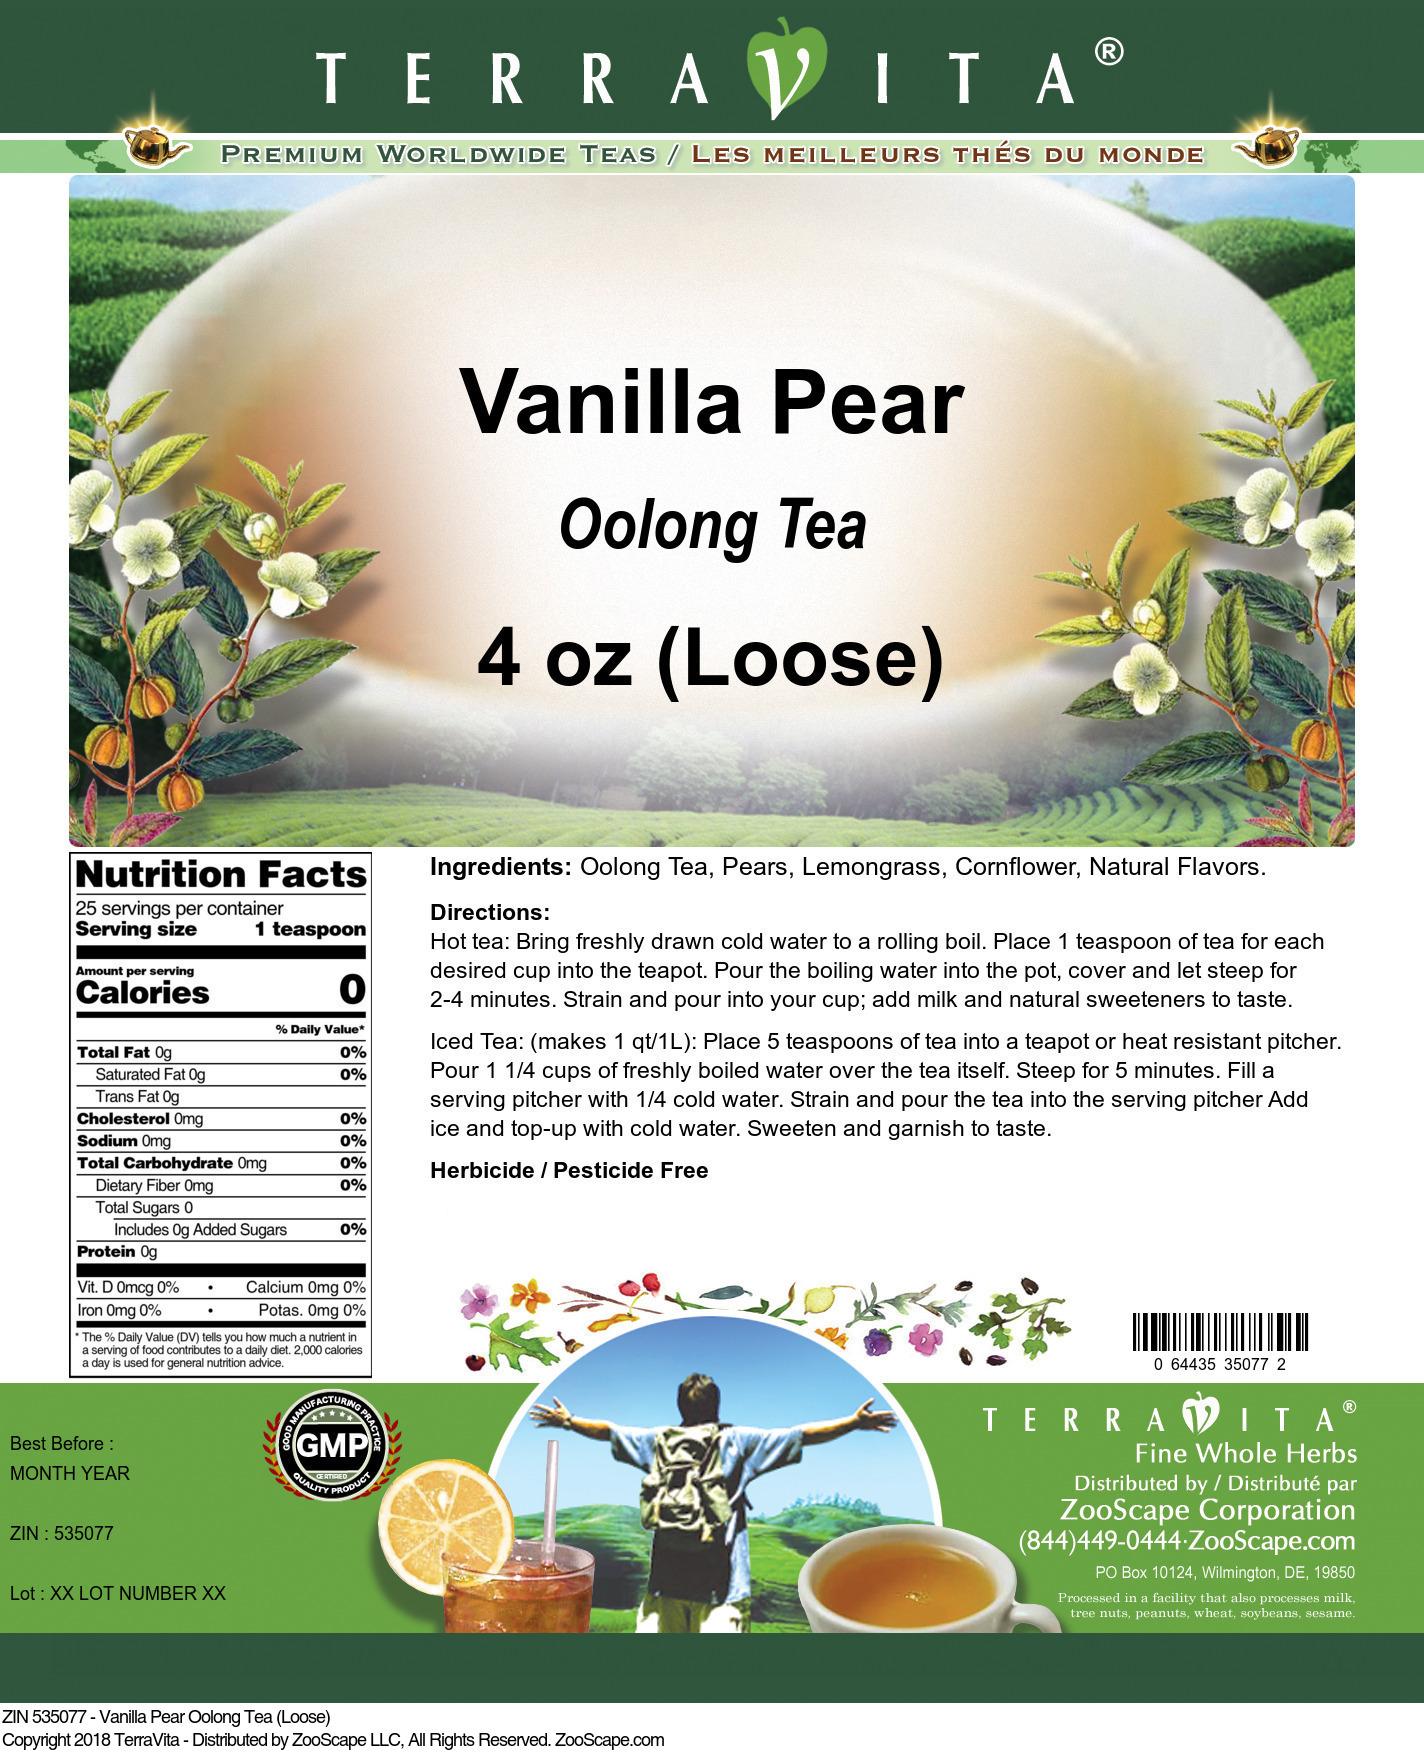 Vanilla Pear Oolong Tea (Loose)